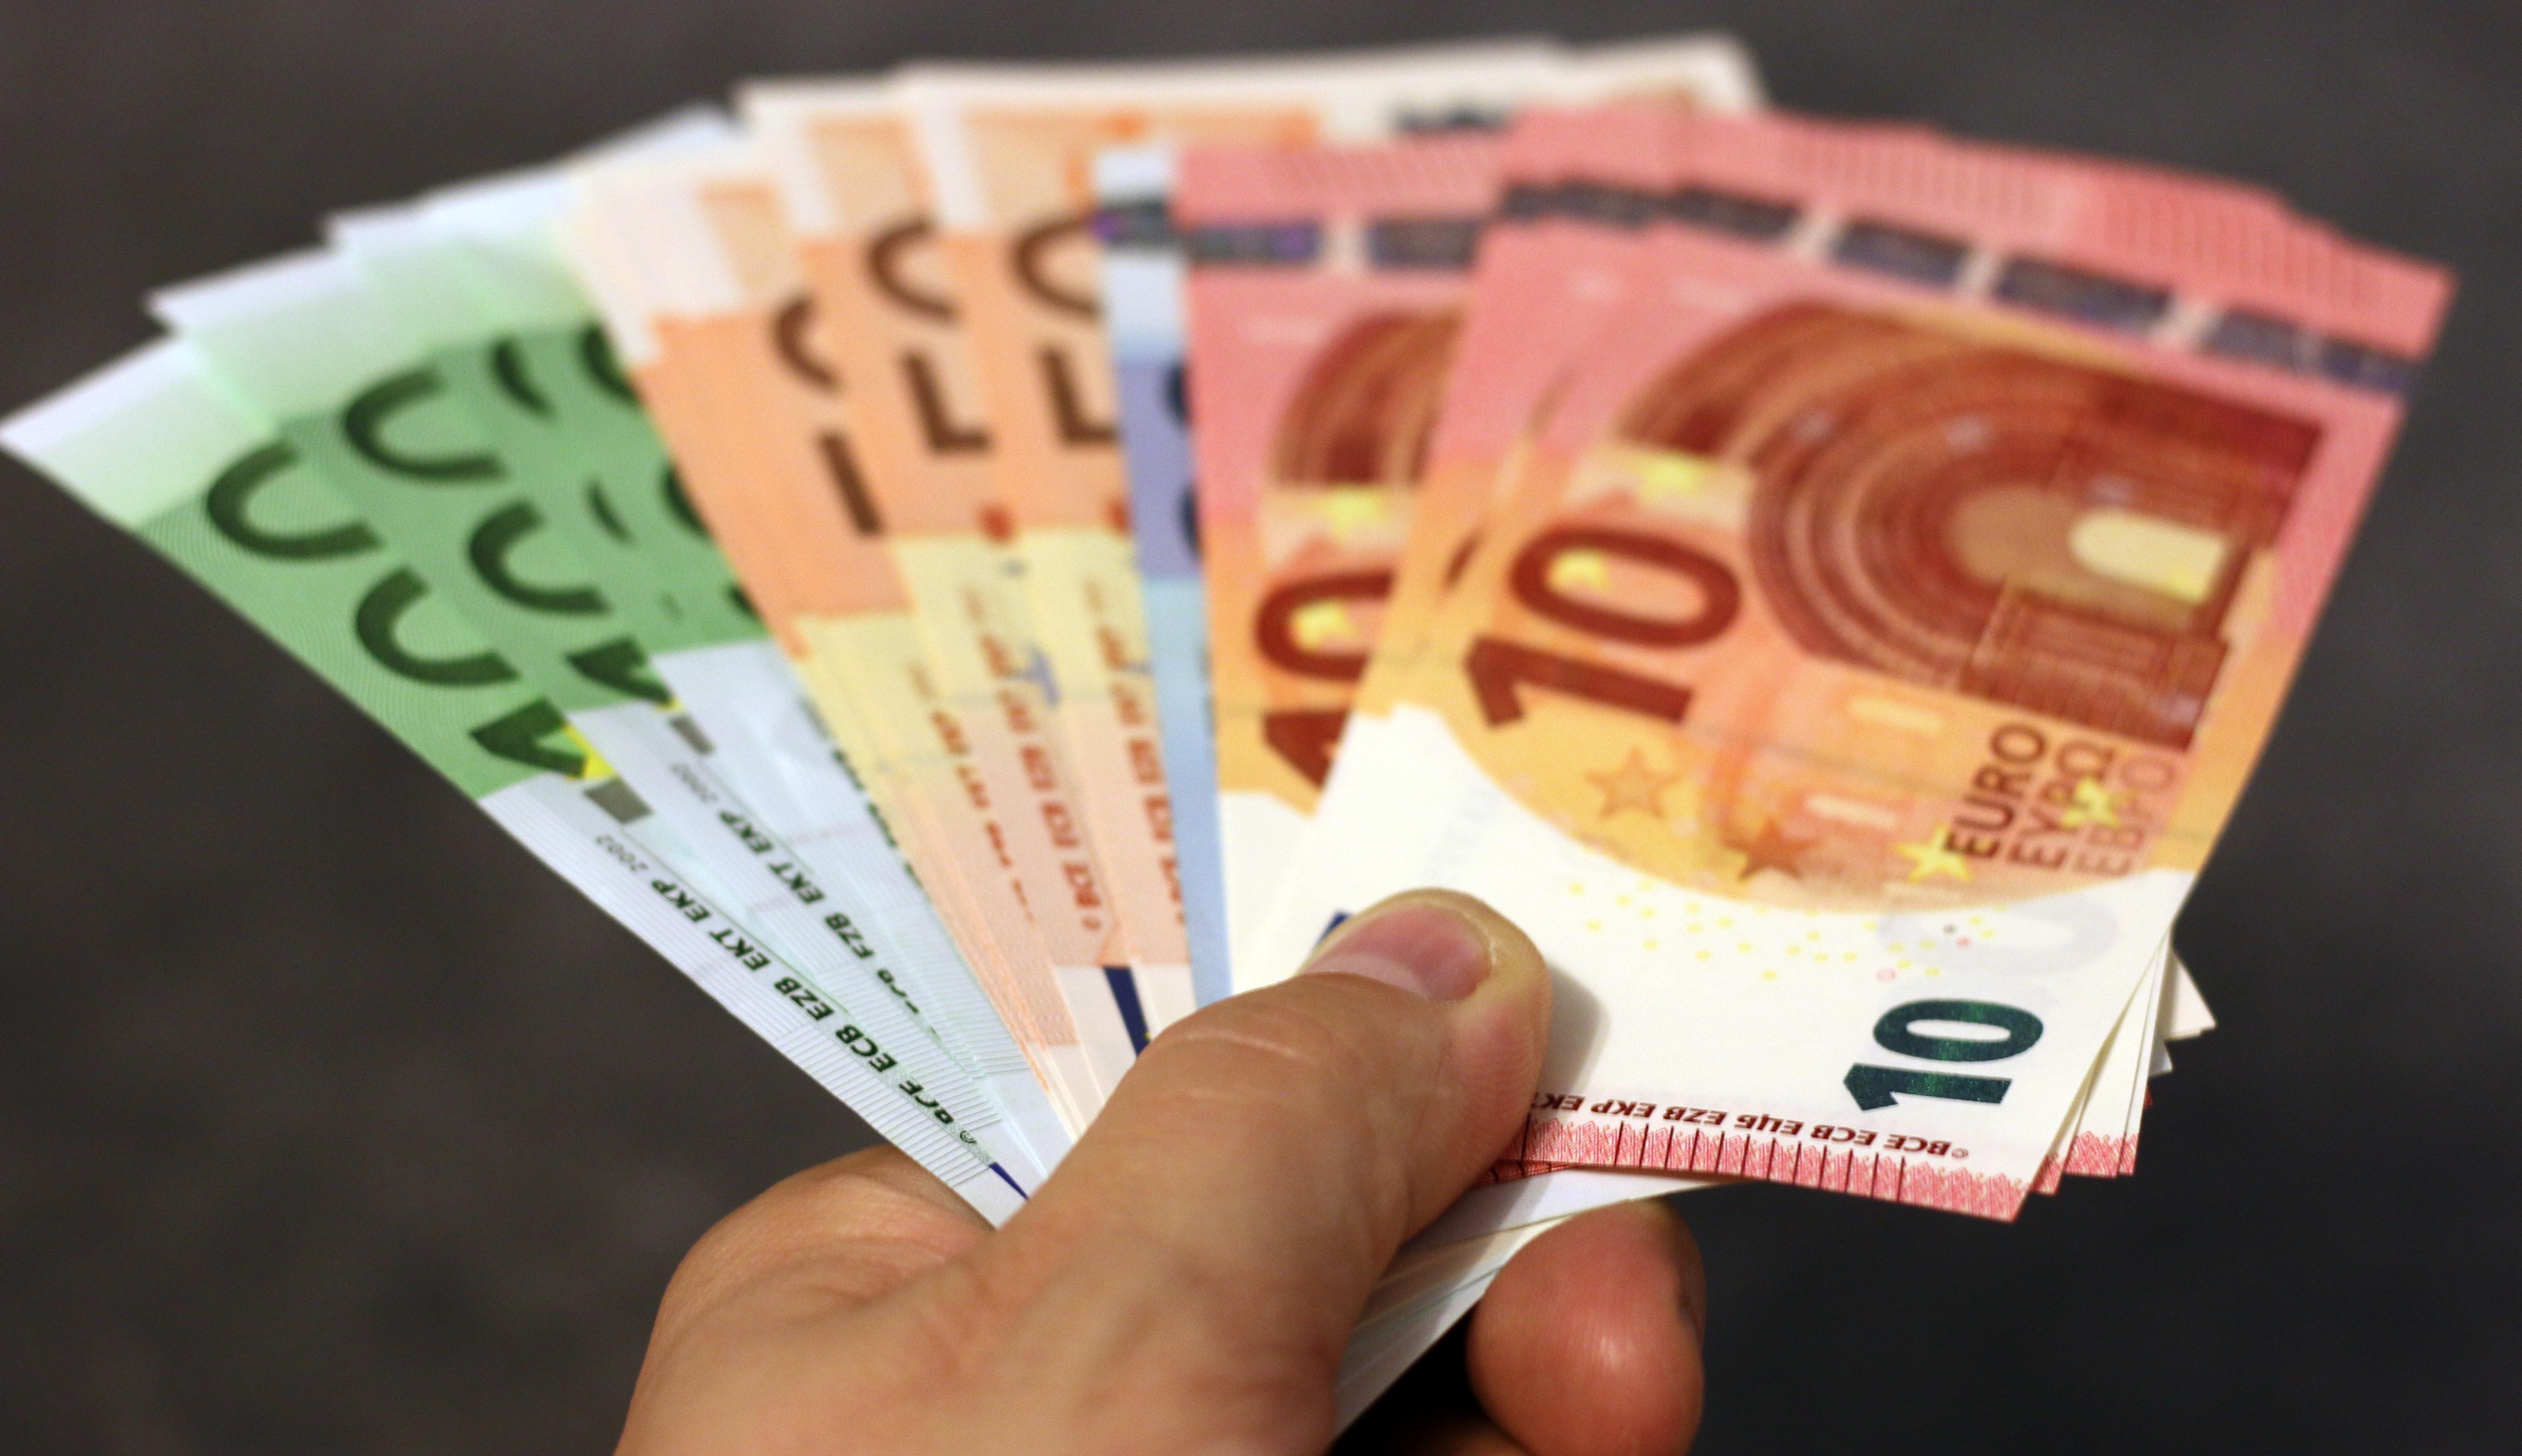 Inloophuis Den Helder krijgt ook rechtstreeks financiële steun. 'We zijn erg blij met alle hulp'